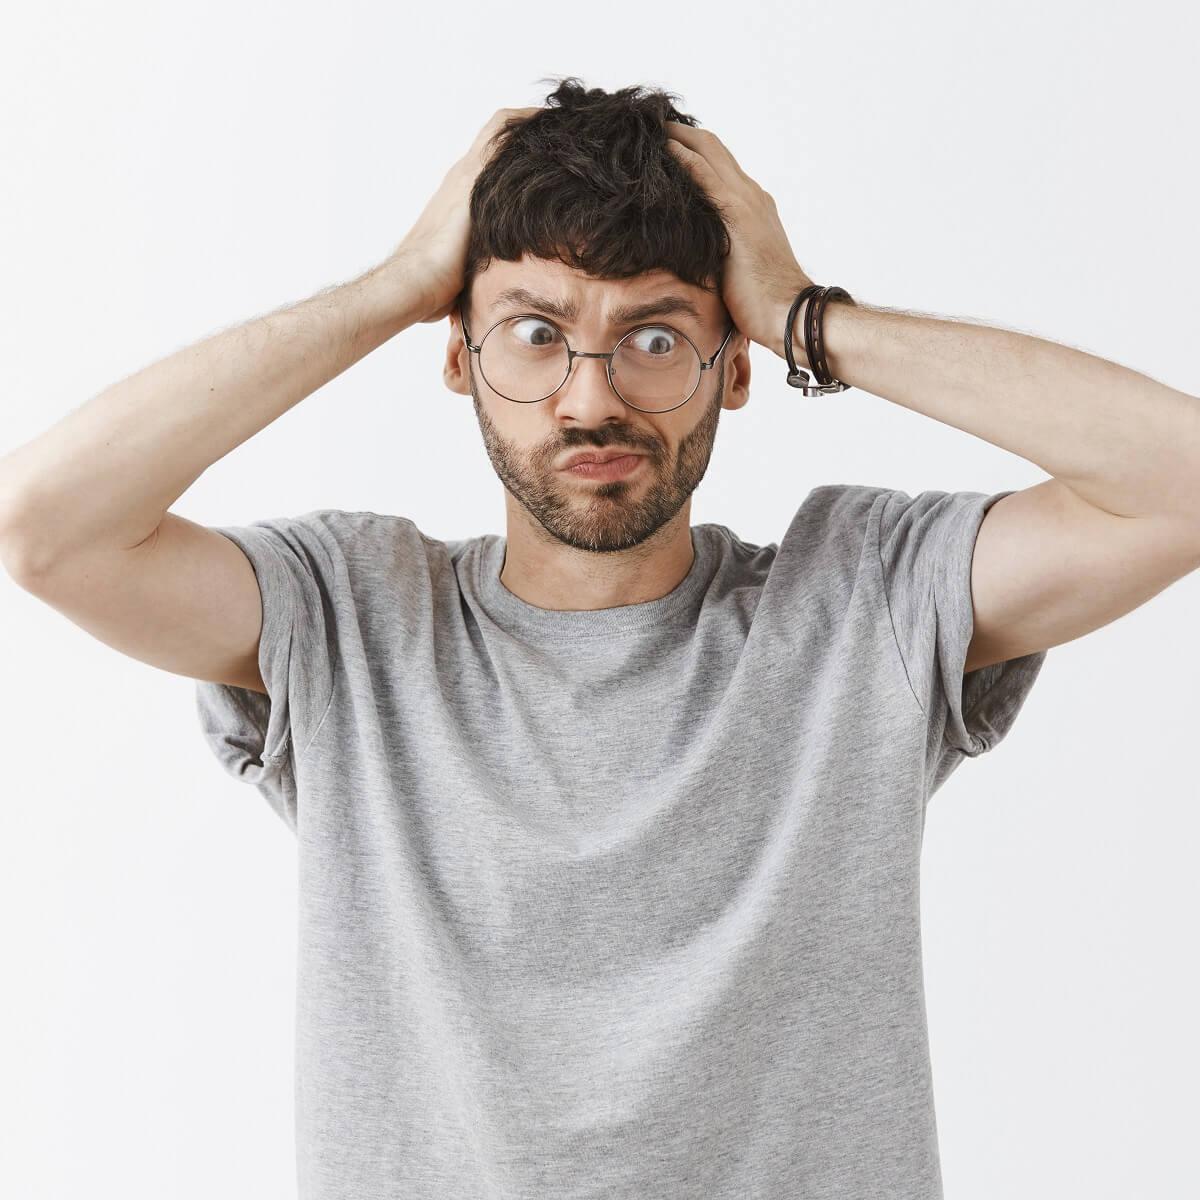 ストレス解消法!3本の論文を読んで見えてきたもの